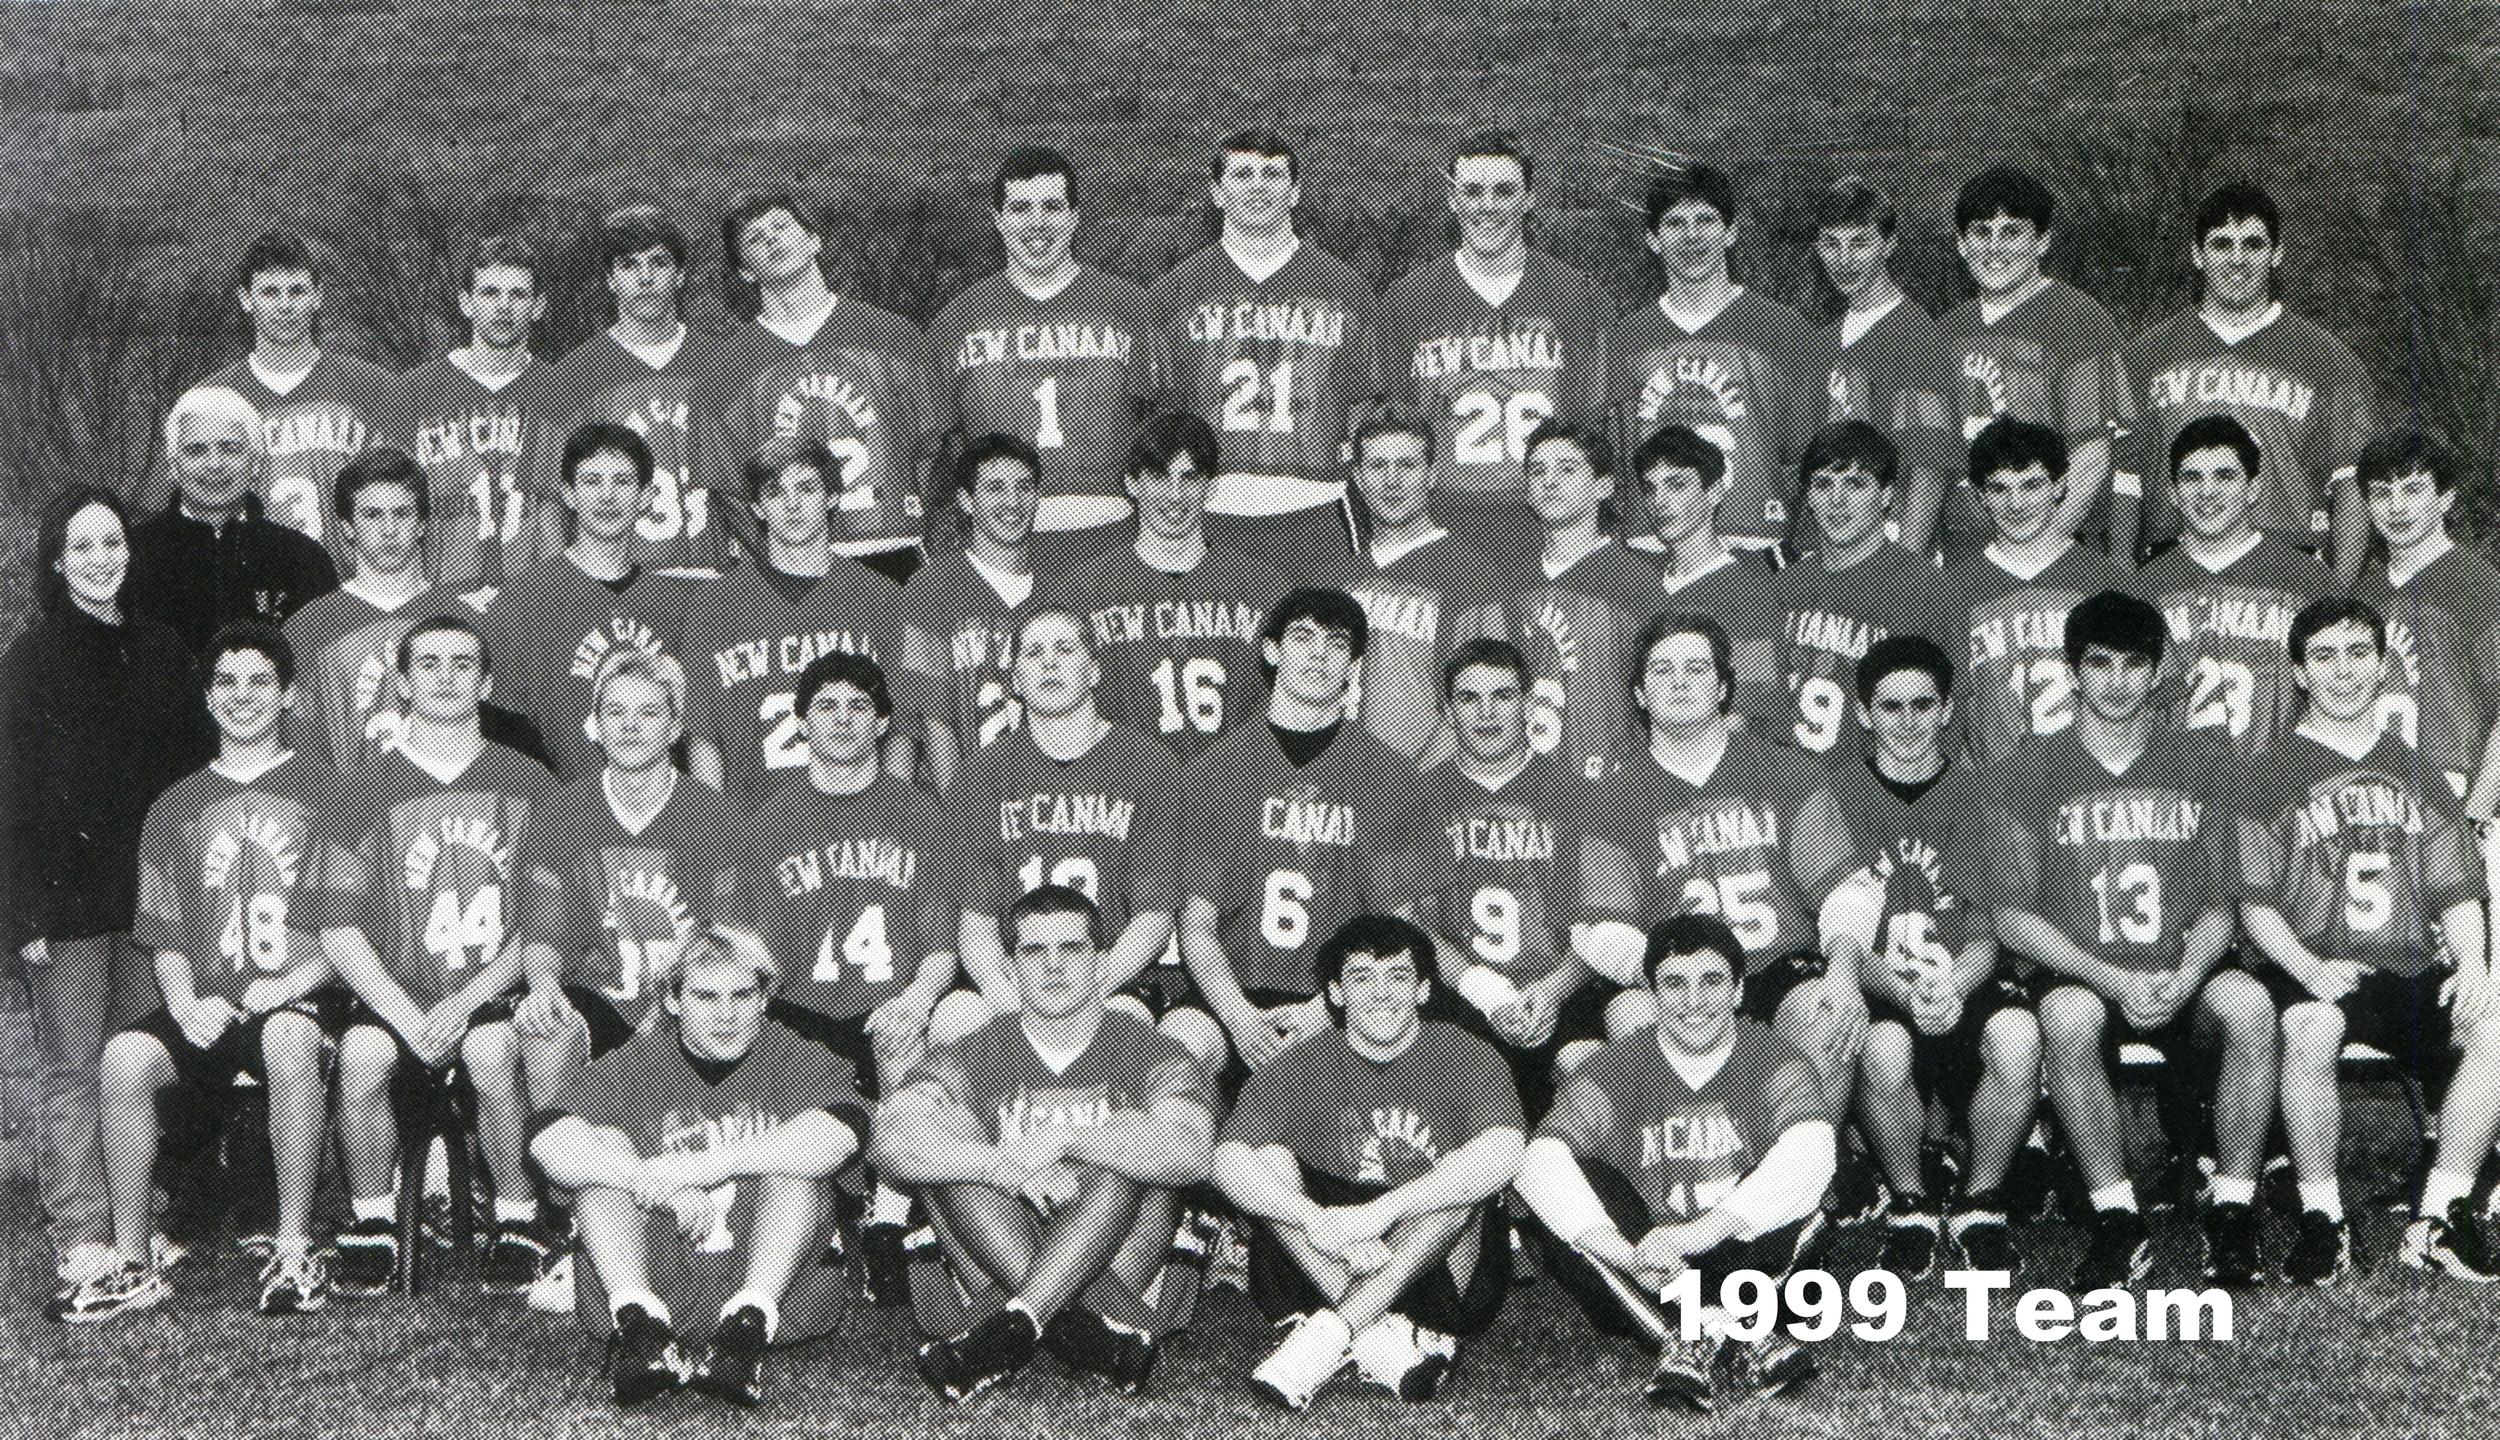 1999 NC Lax Team Photo.jpg